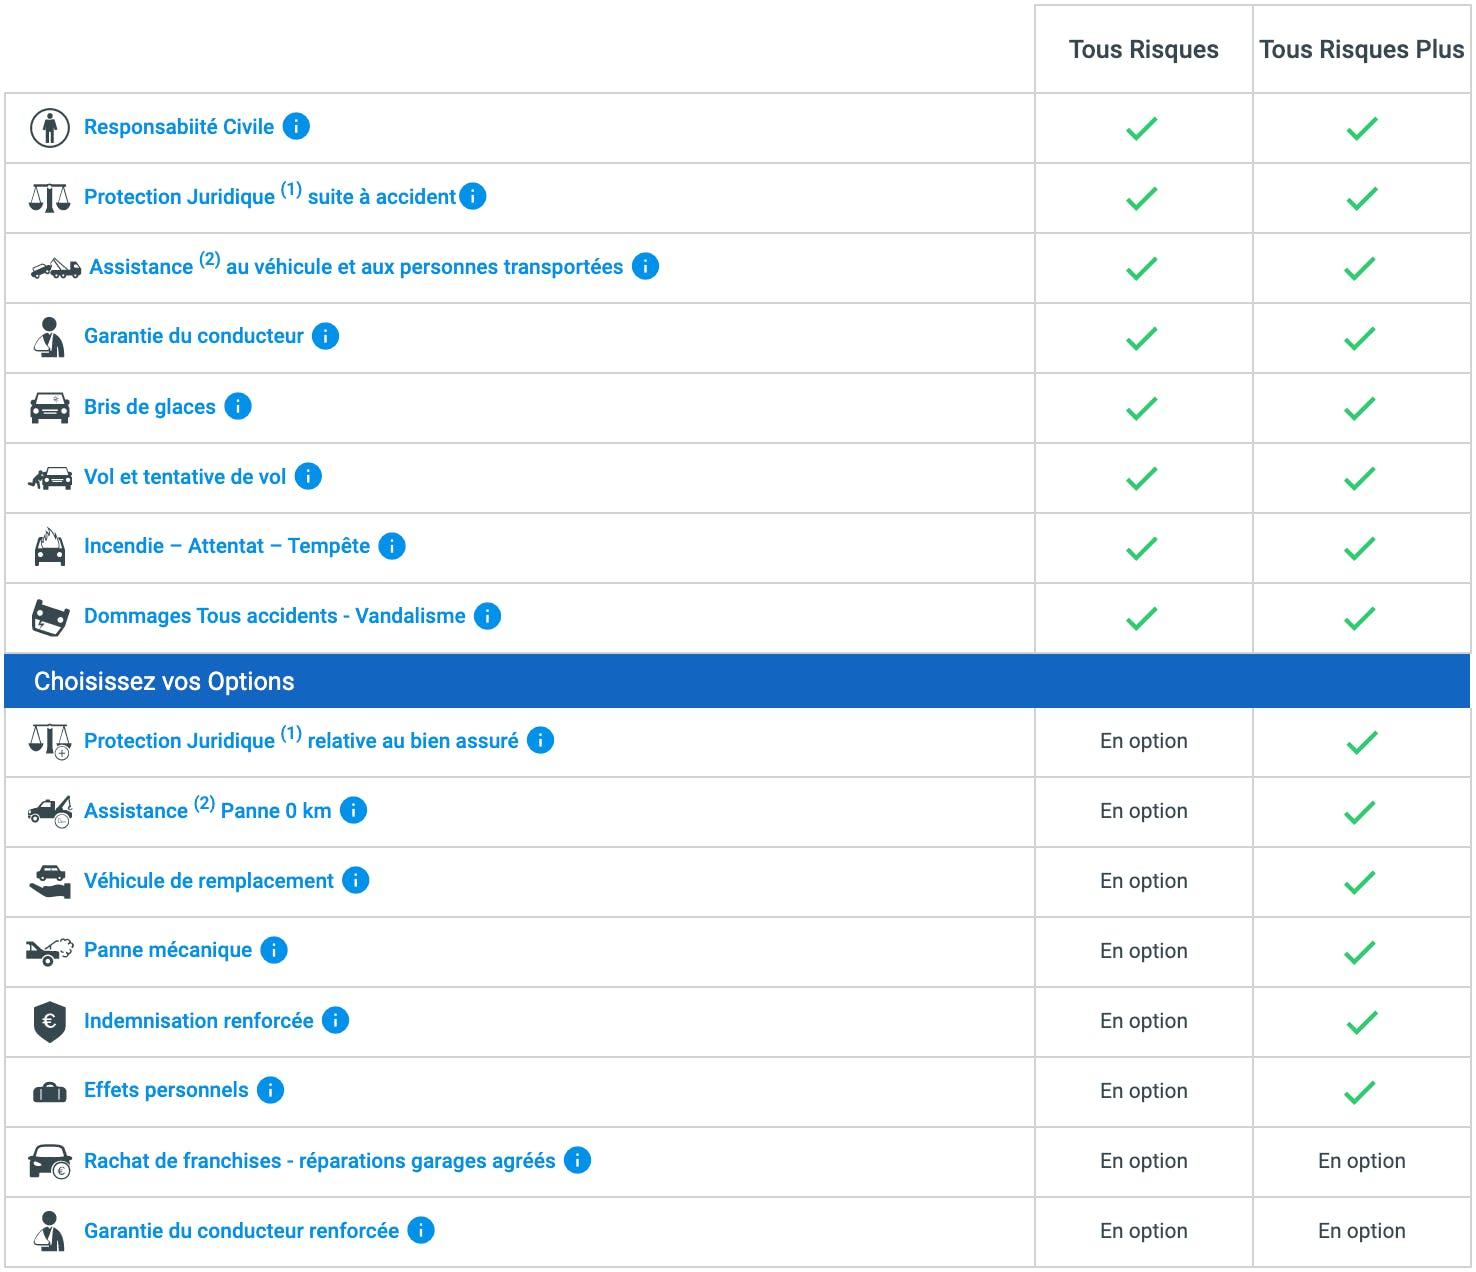 Tableau de comparaison des garanties auto Matmut pour les formules auto Tous Risques (Tous Risques et Tous Risques Plus)